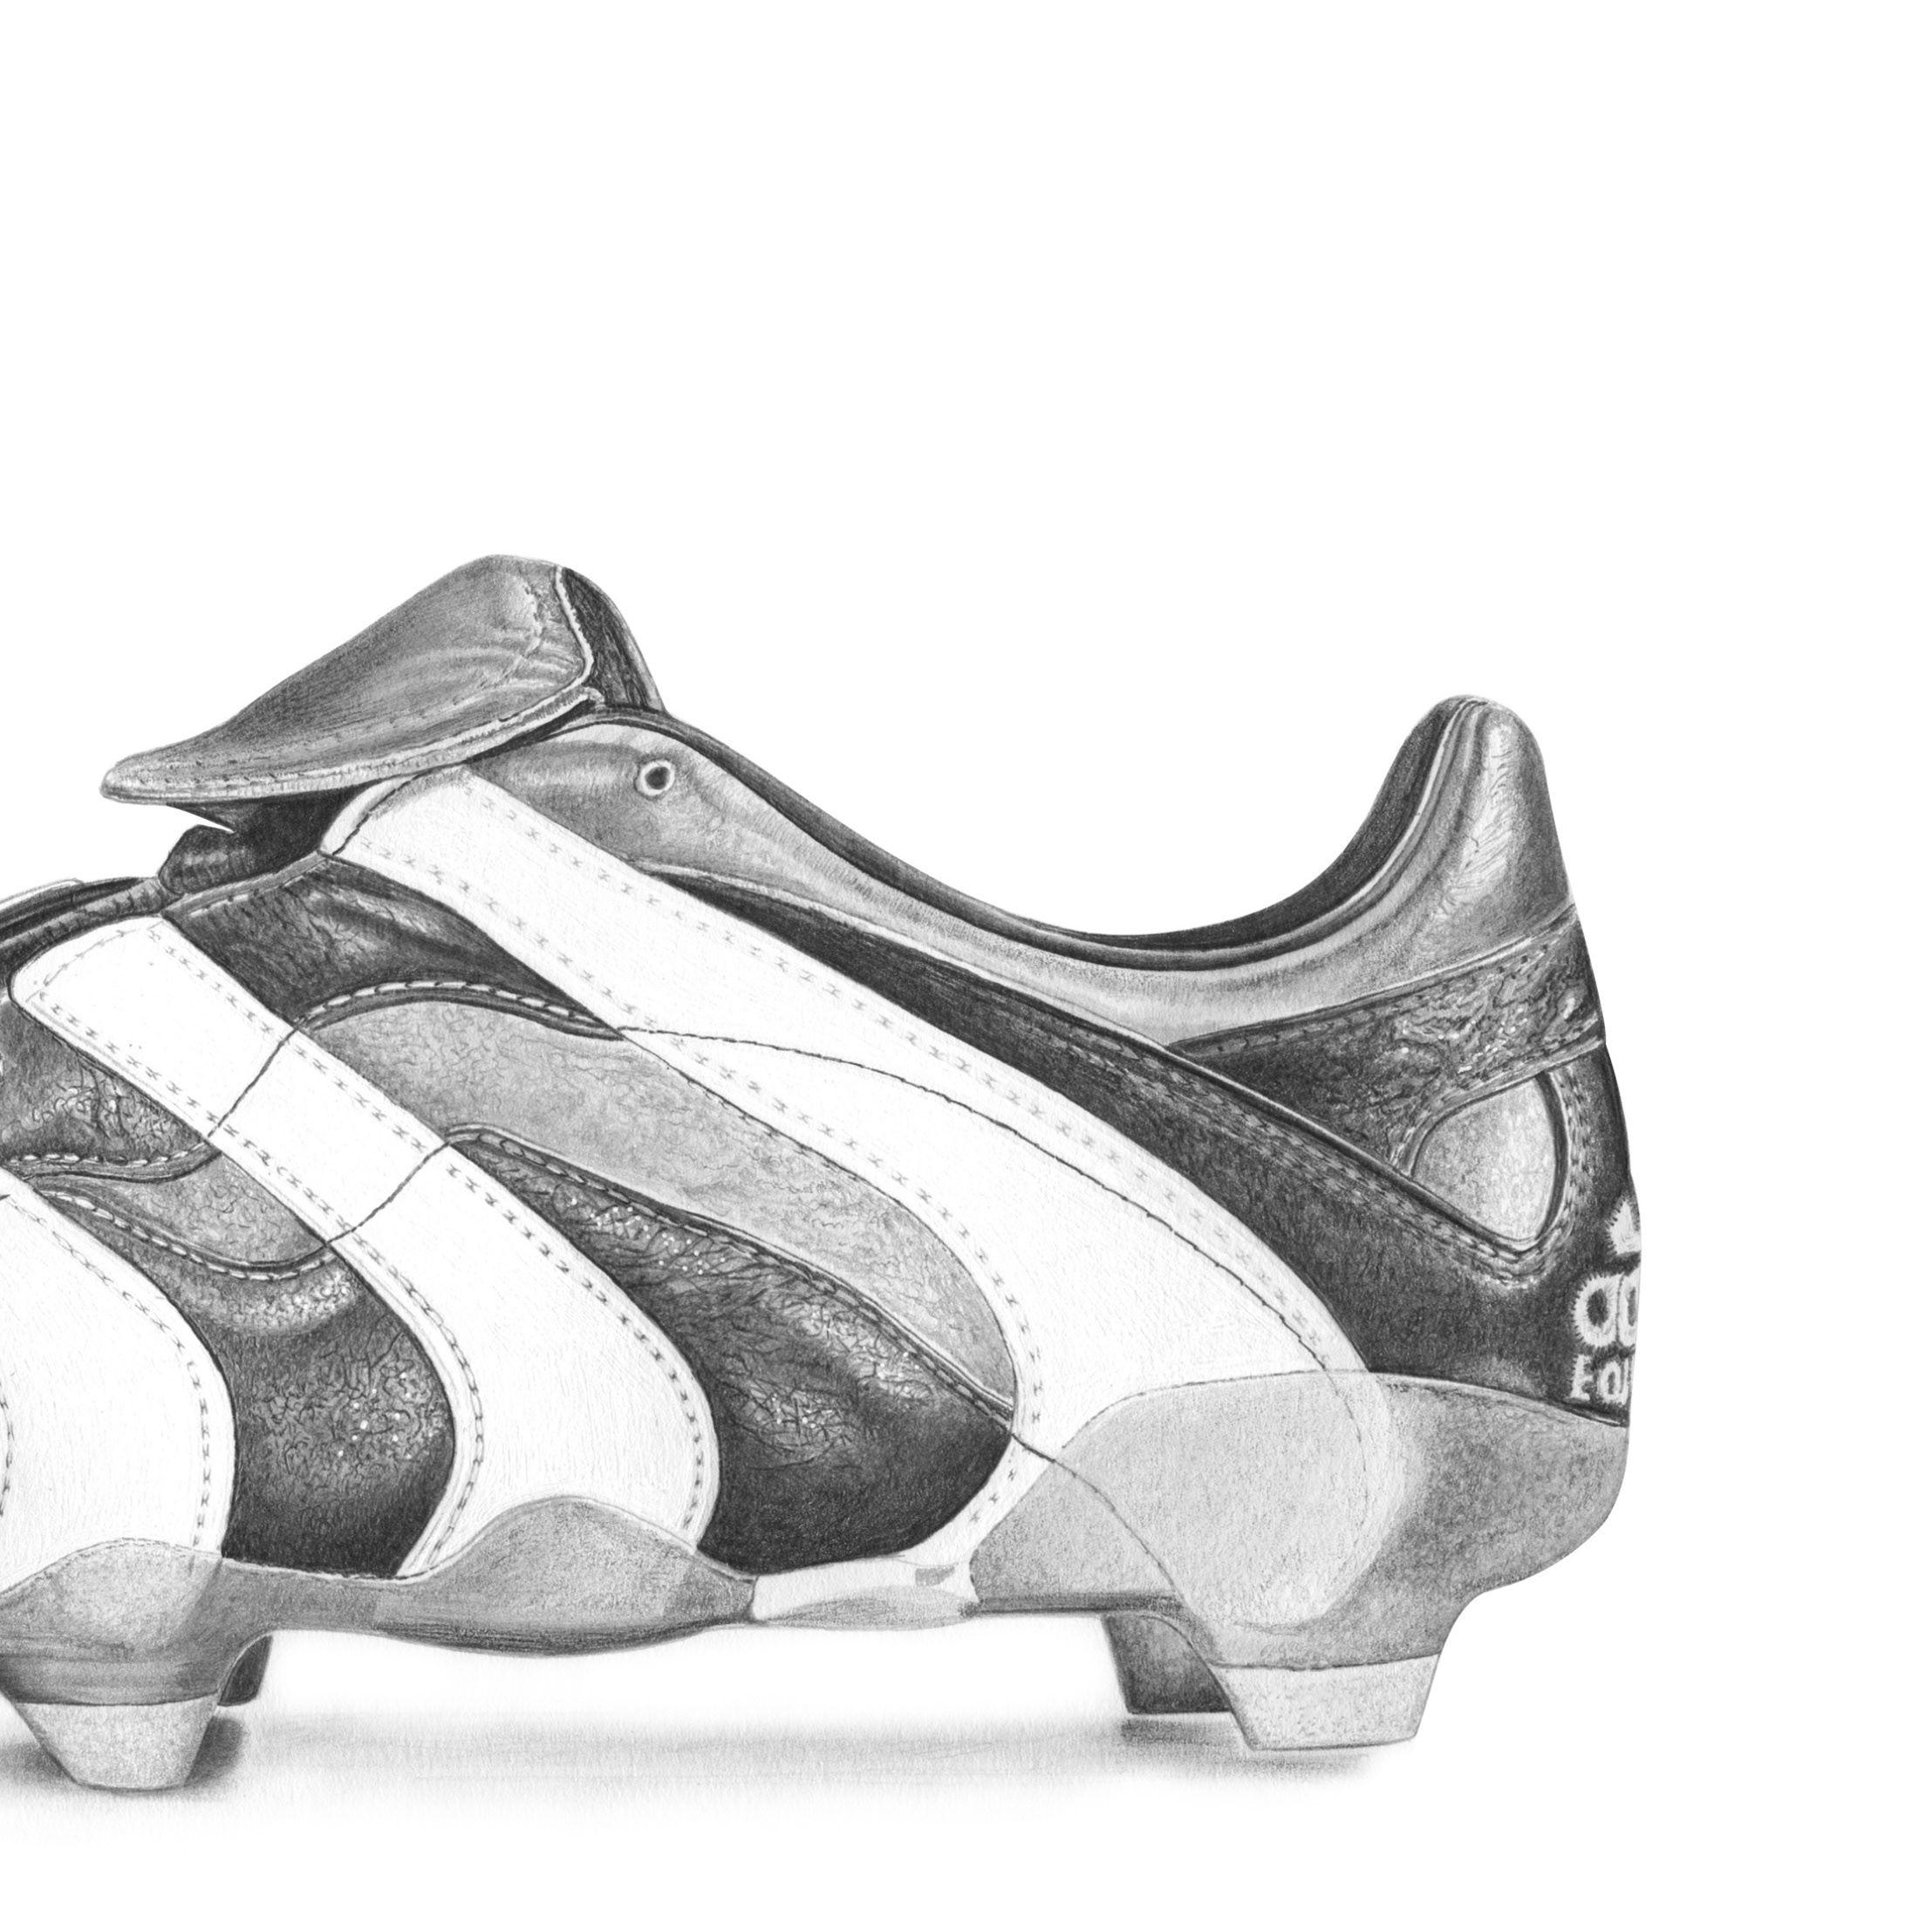 brand new c4240 6920e 1998 adidas Predator Accelerator